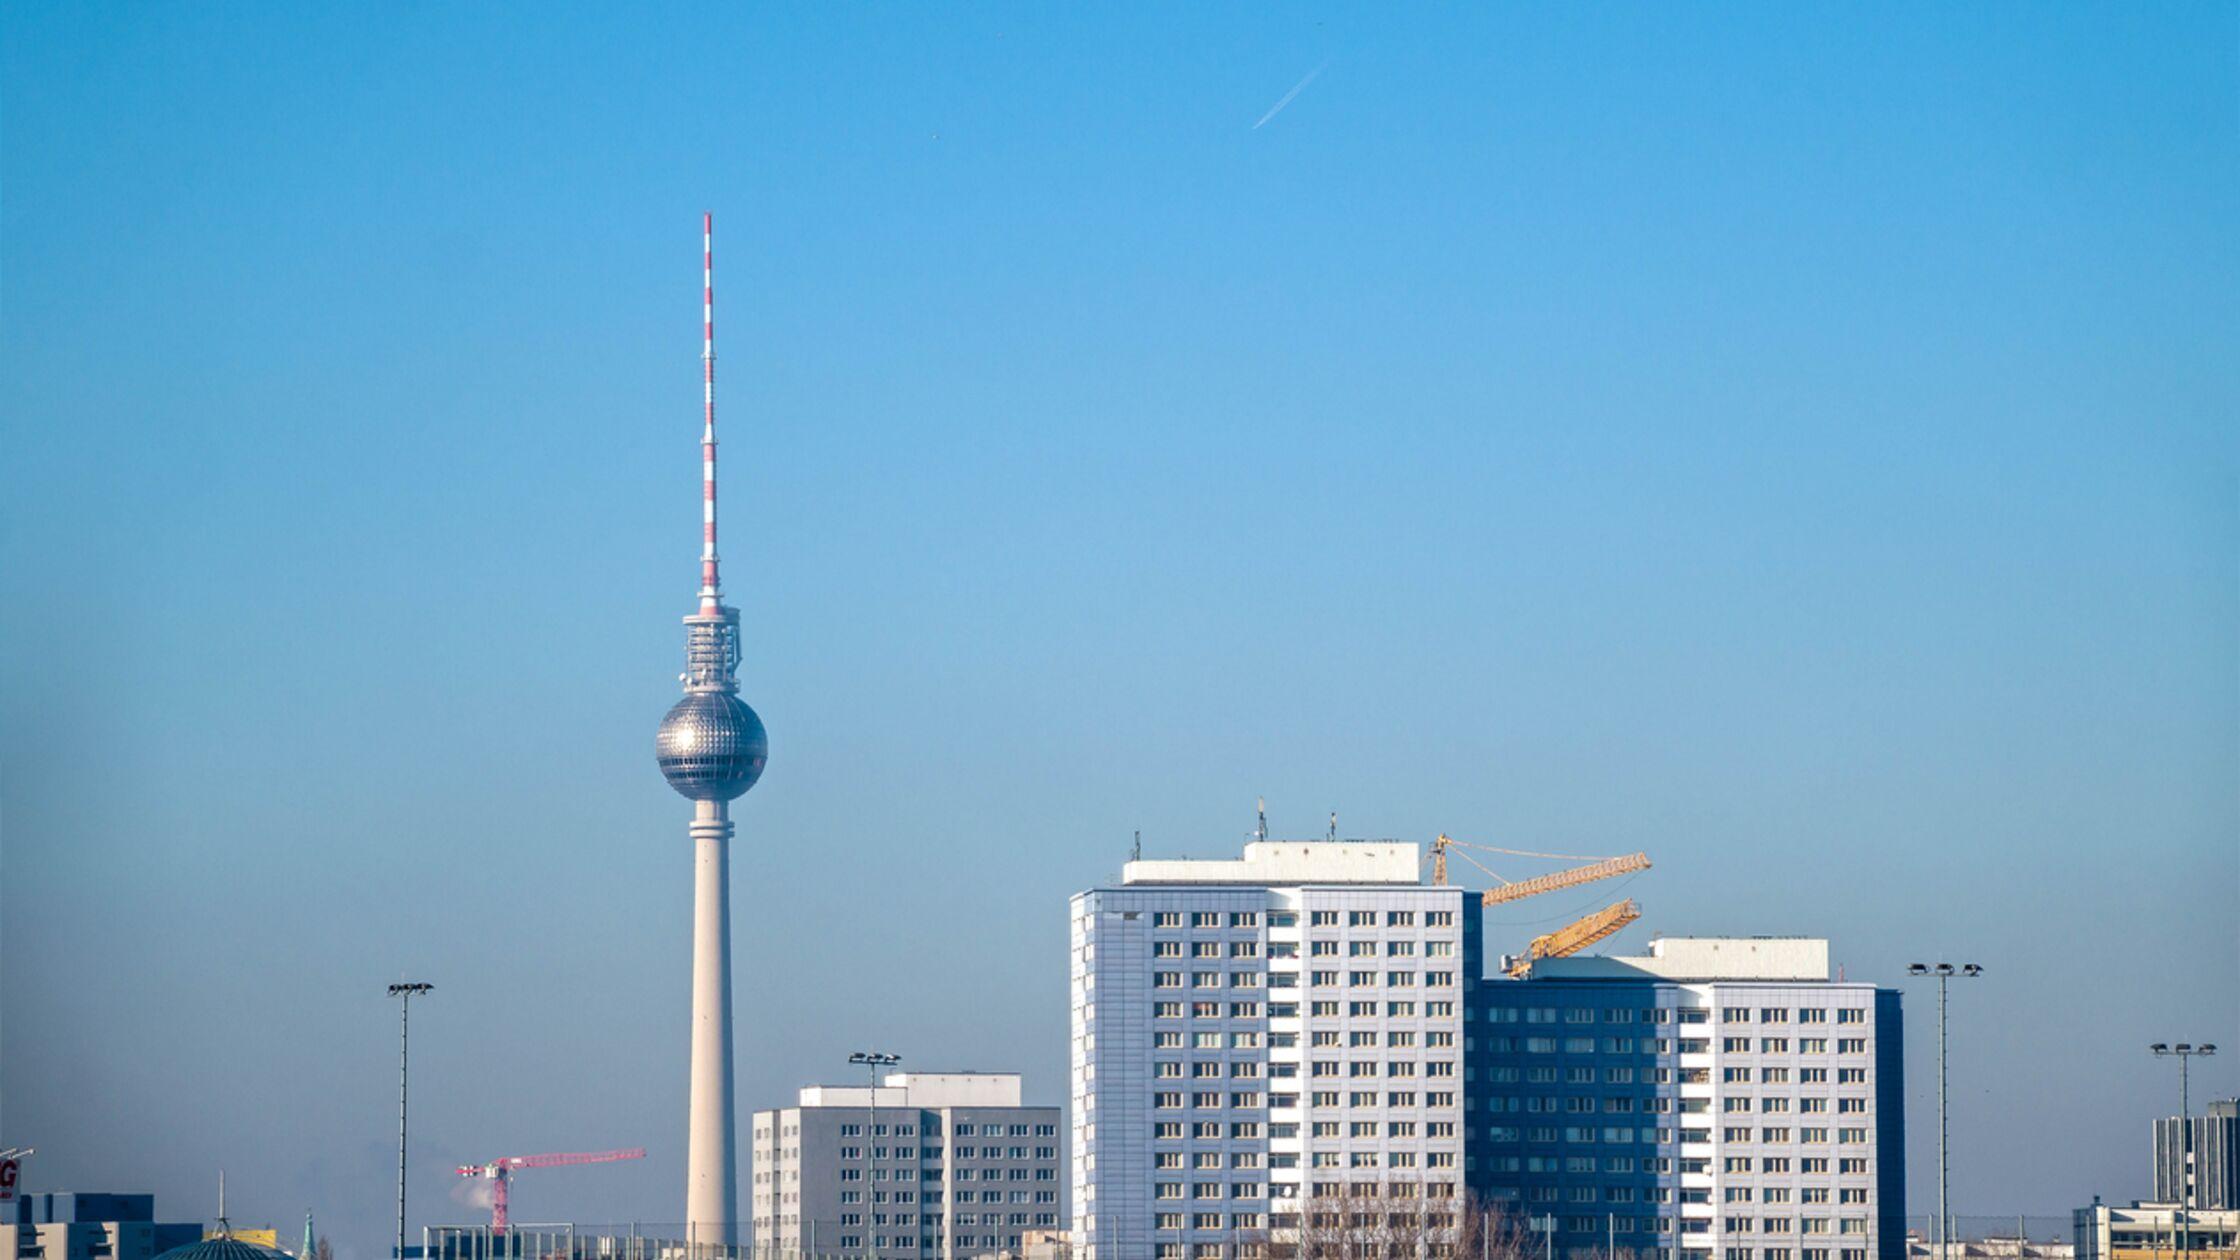 Mietendeckel in Berlin: Was bedeutet das Gesetz für die Mietpreise?